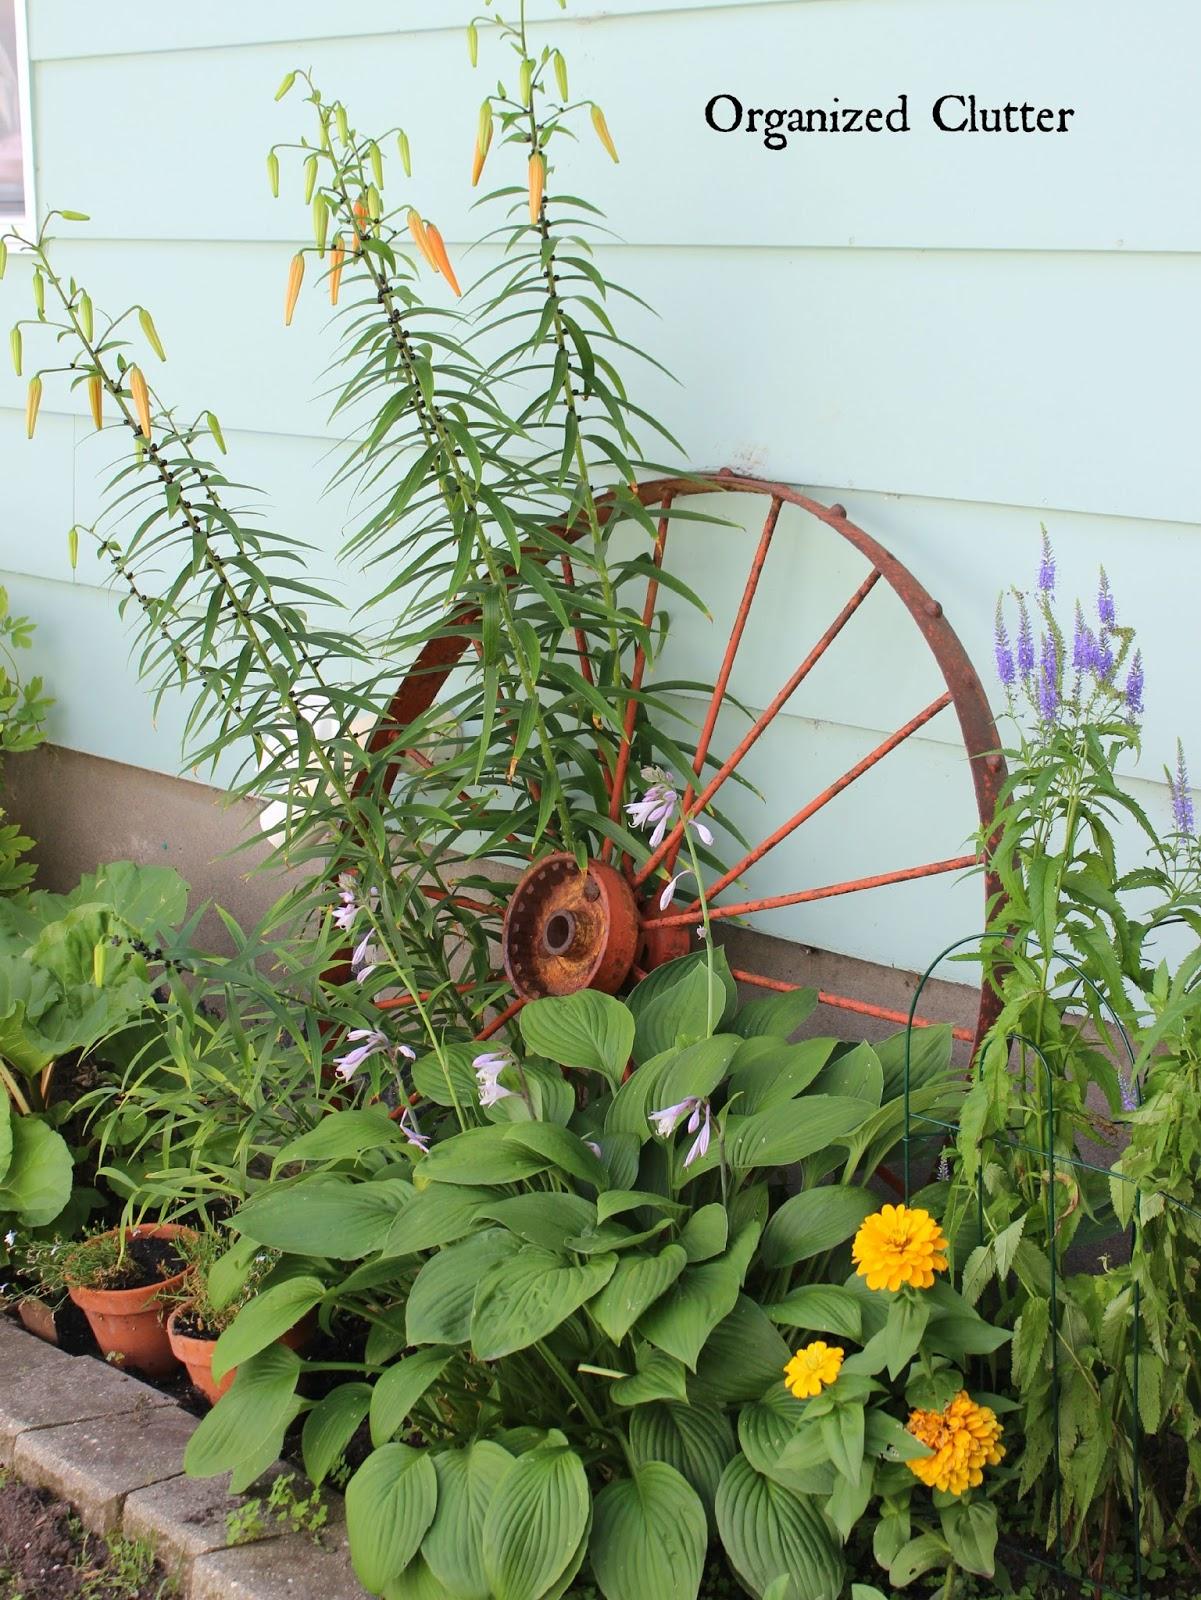 Rustic Yard U0026 Garden Decor Www.organizedclutter.net